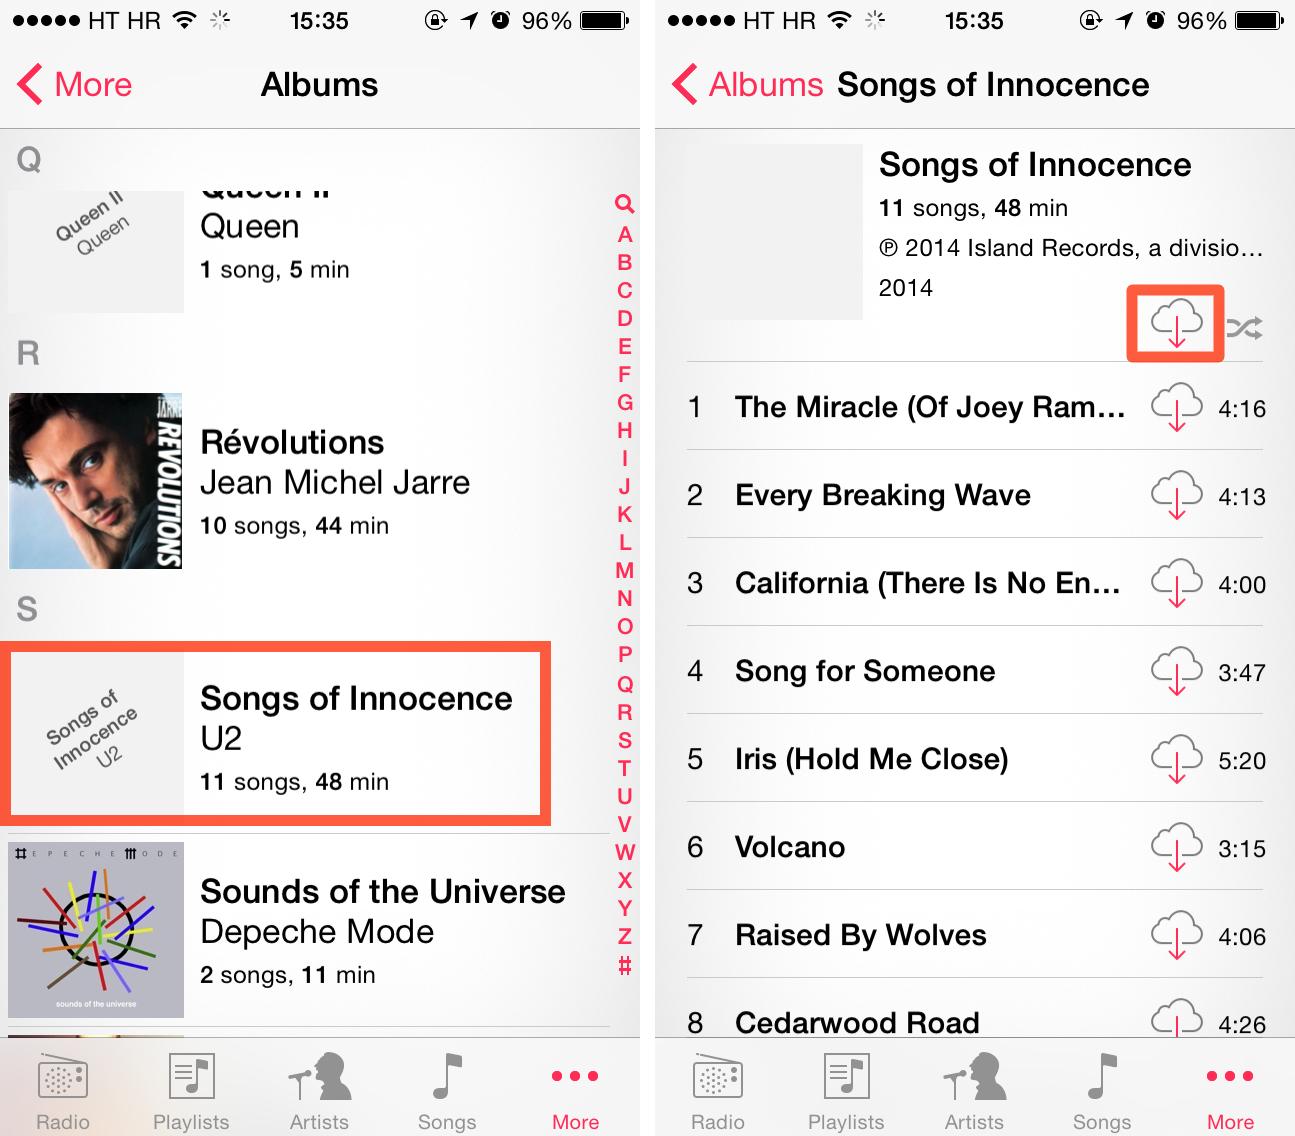 U2 free album on iTunes (image 003)